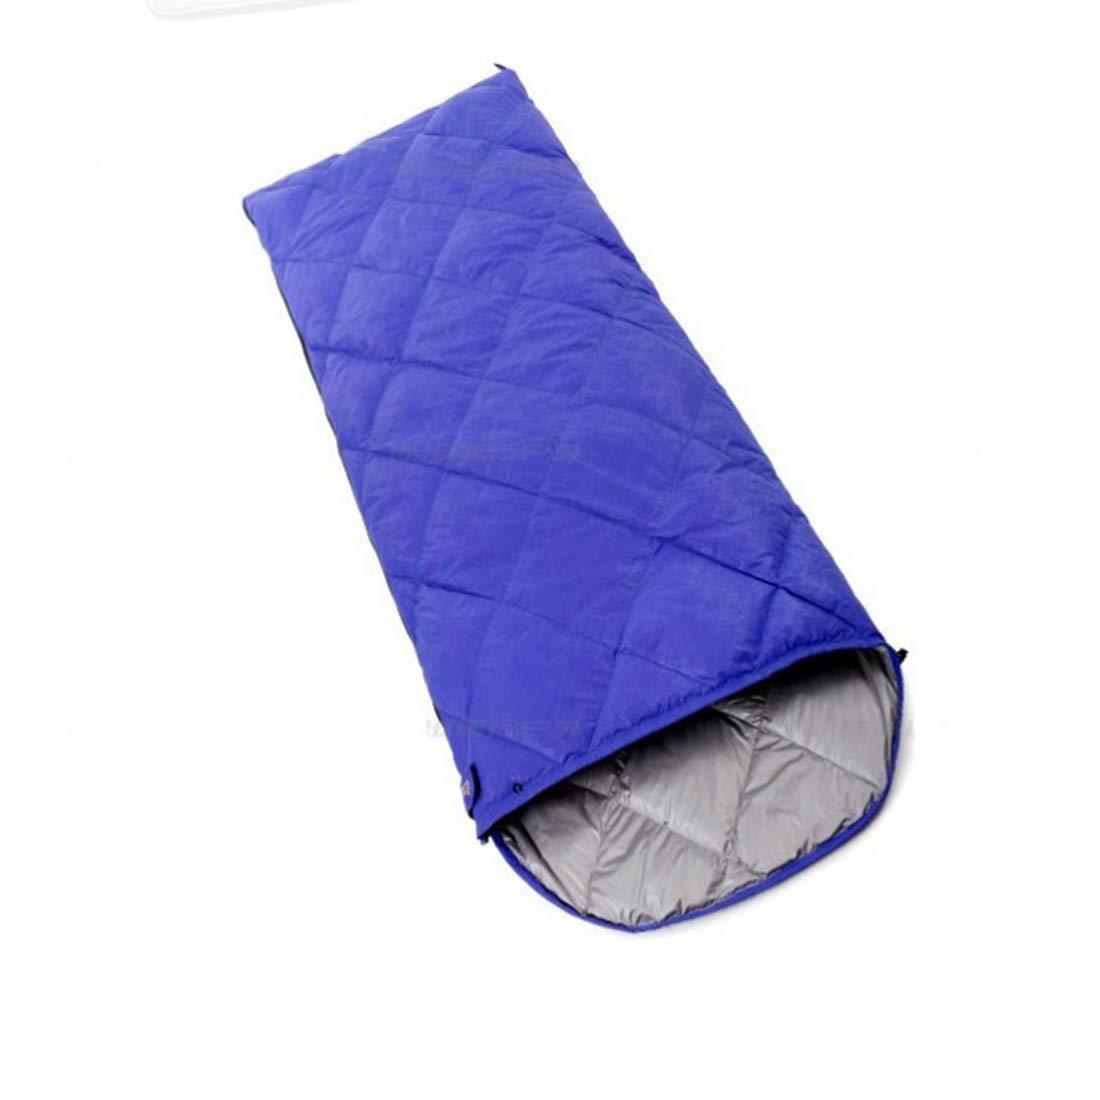 WEATLY Envelope Lightweight Portable Adult Schlafsack groß für für für 3 Saison-Sommer, Frühling, Herbst mit Kompressions Sack B07KS3955B Schlafscke Flut Schuhe Liste 1cd93d